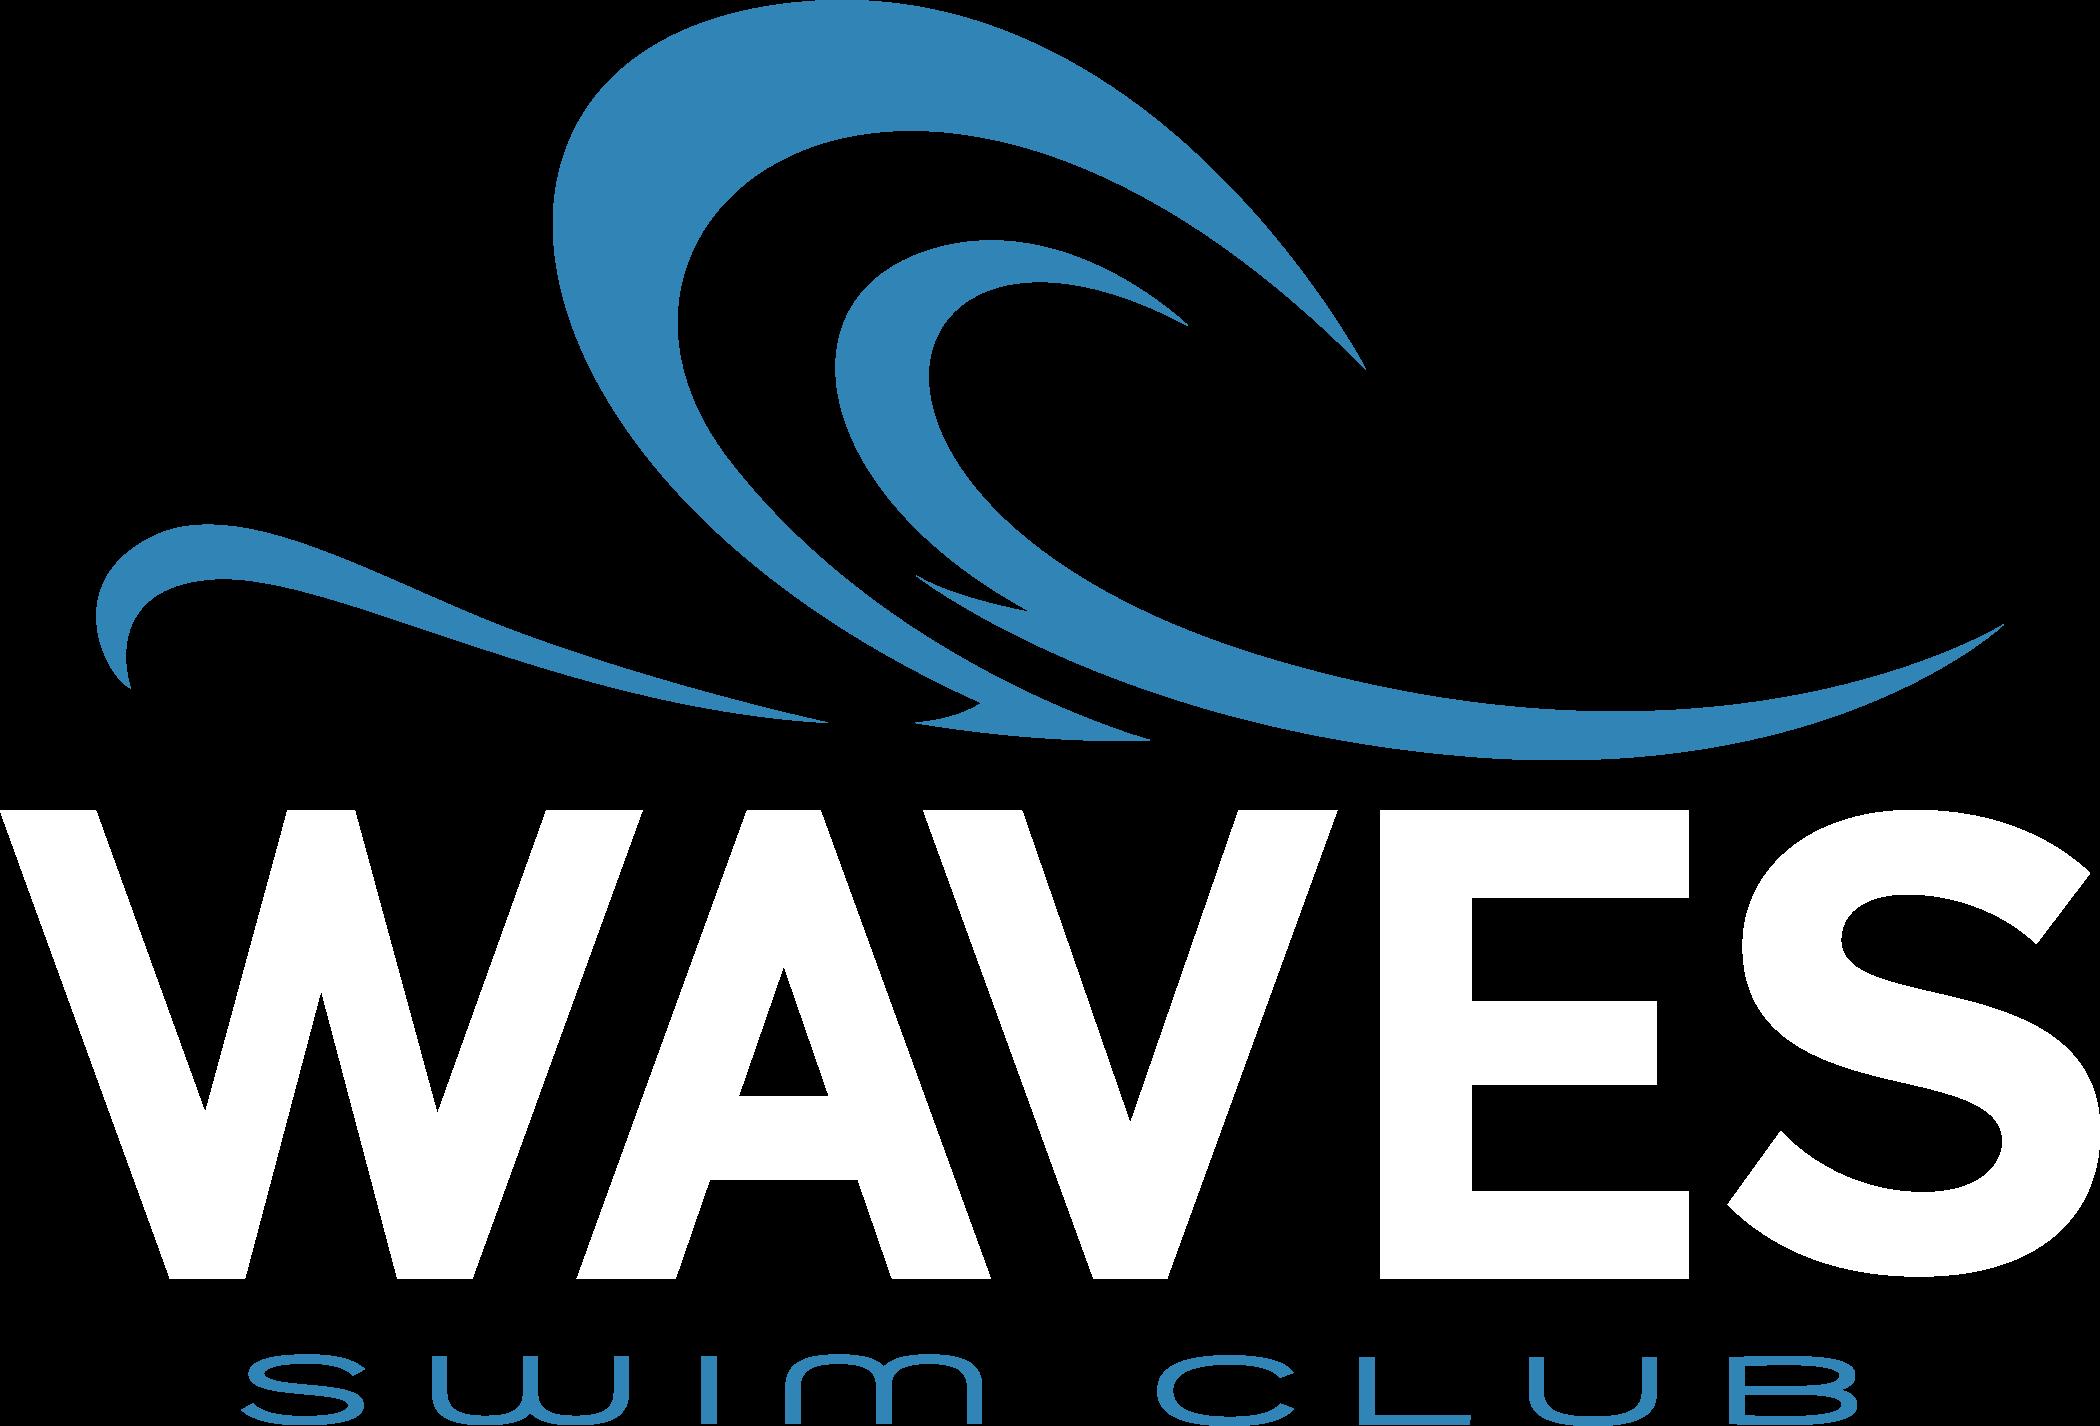 wsc_logo_1_color_wht letters